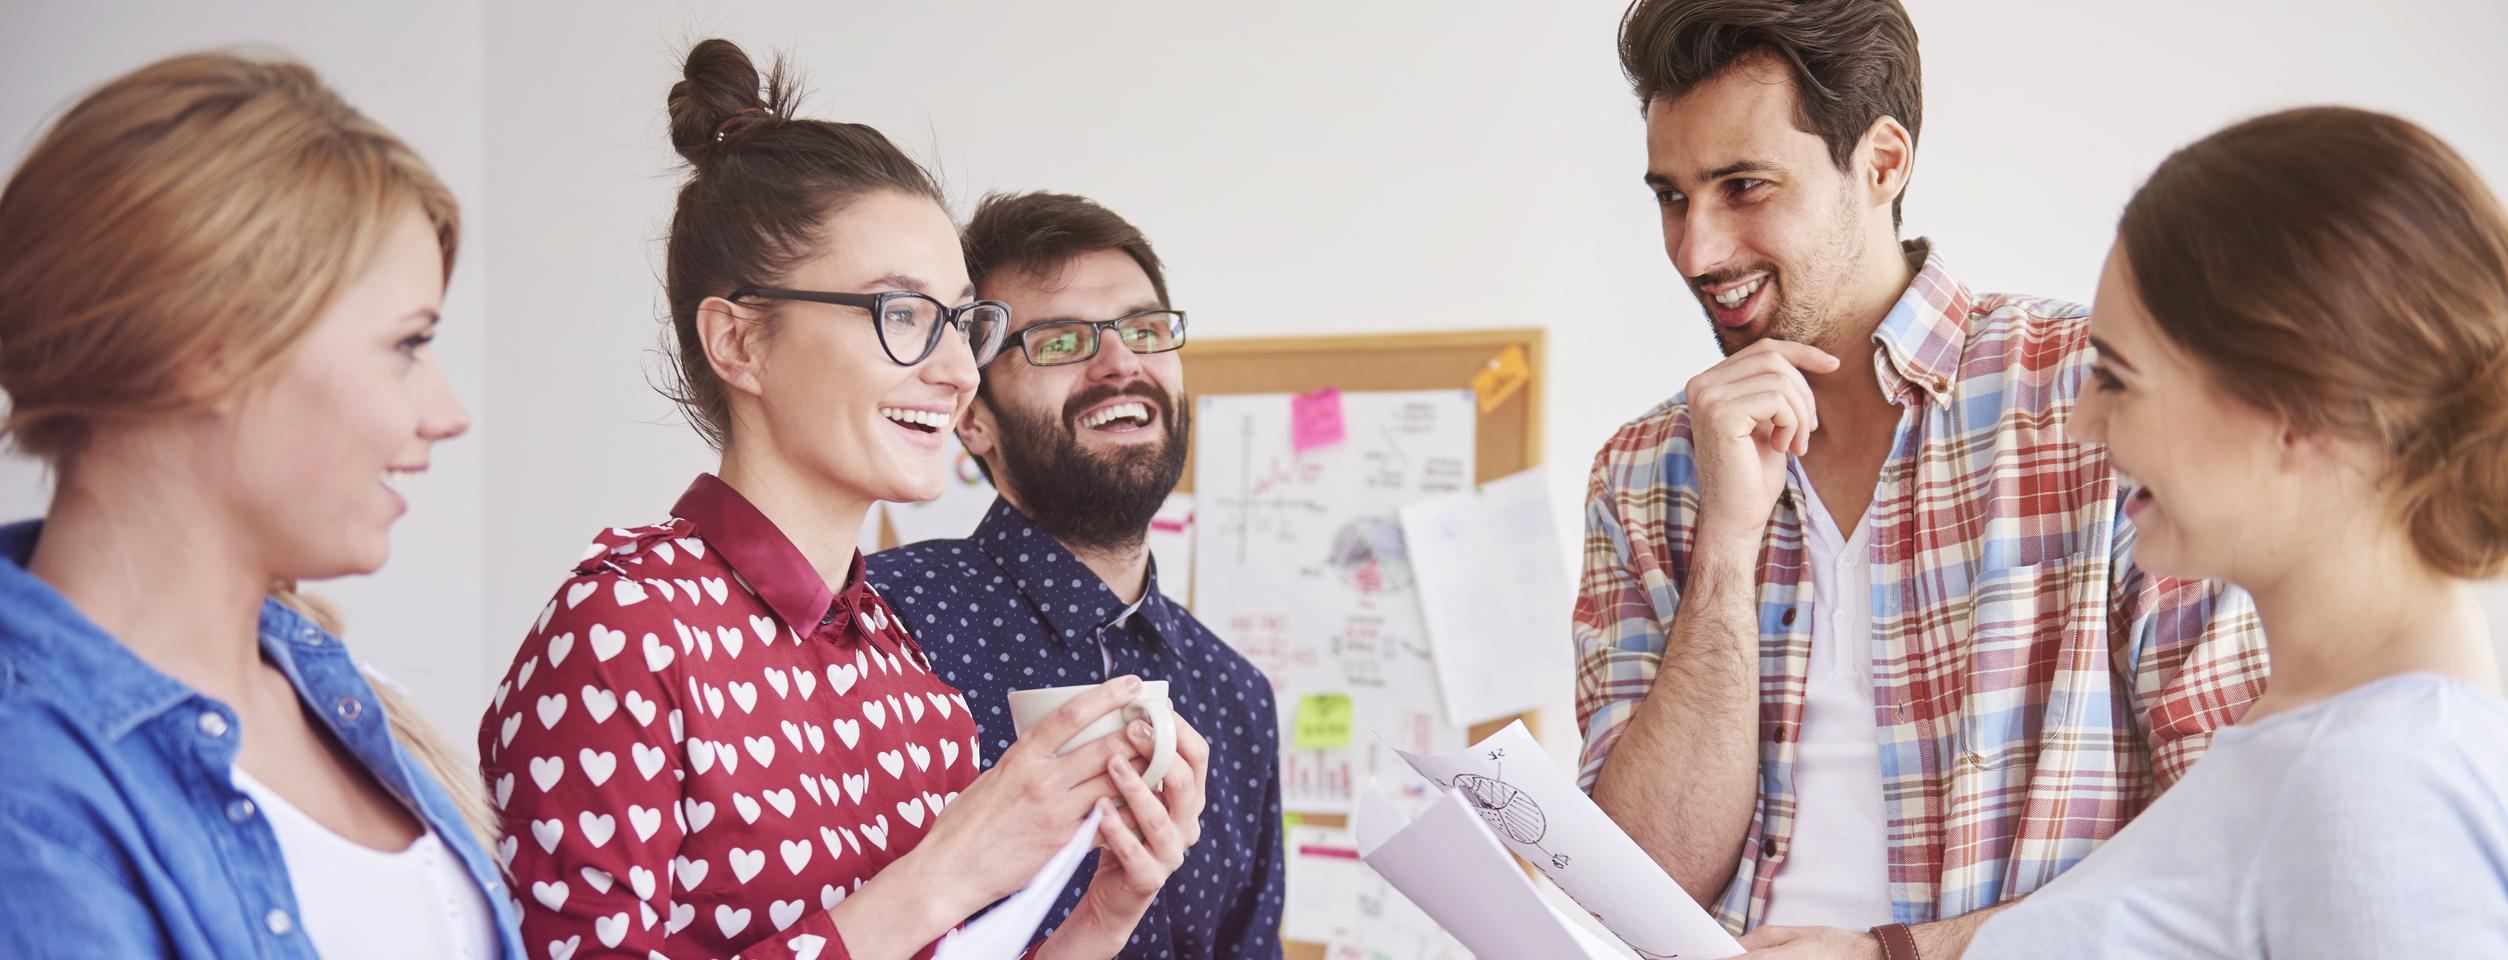 5 tips om het hart van millennials te veroveren in tijden van arbeidskrapte